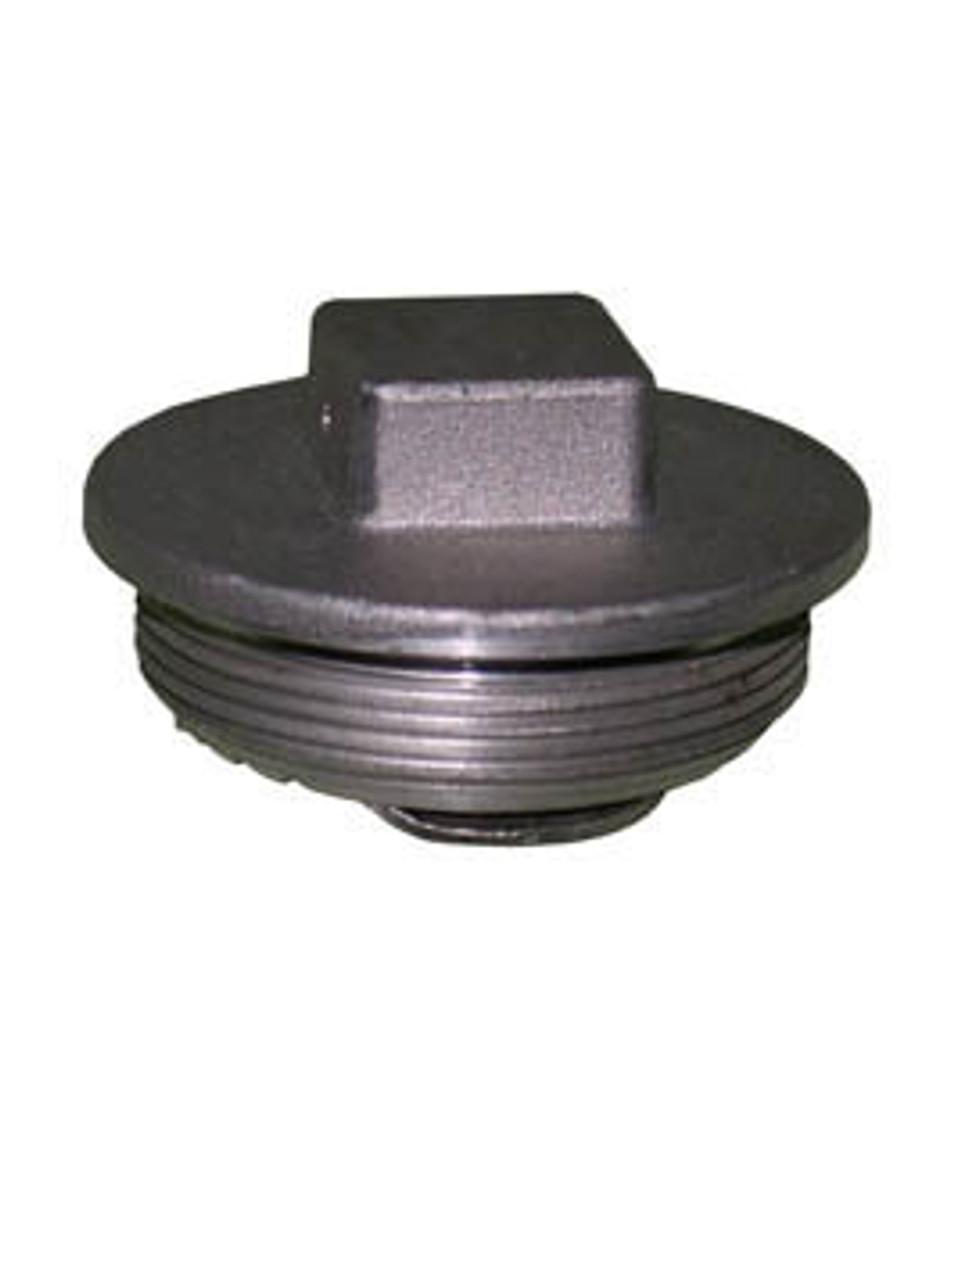 16500 ---  Hydro-Act Actuator Metal Filler Cap